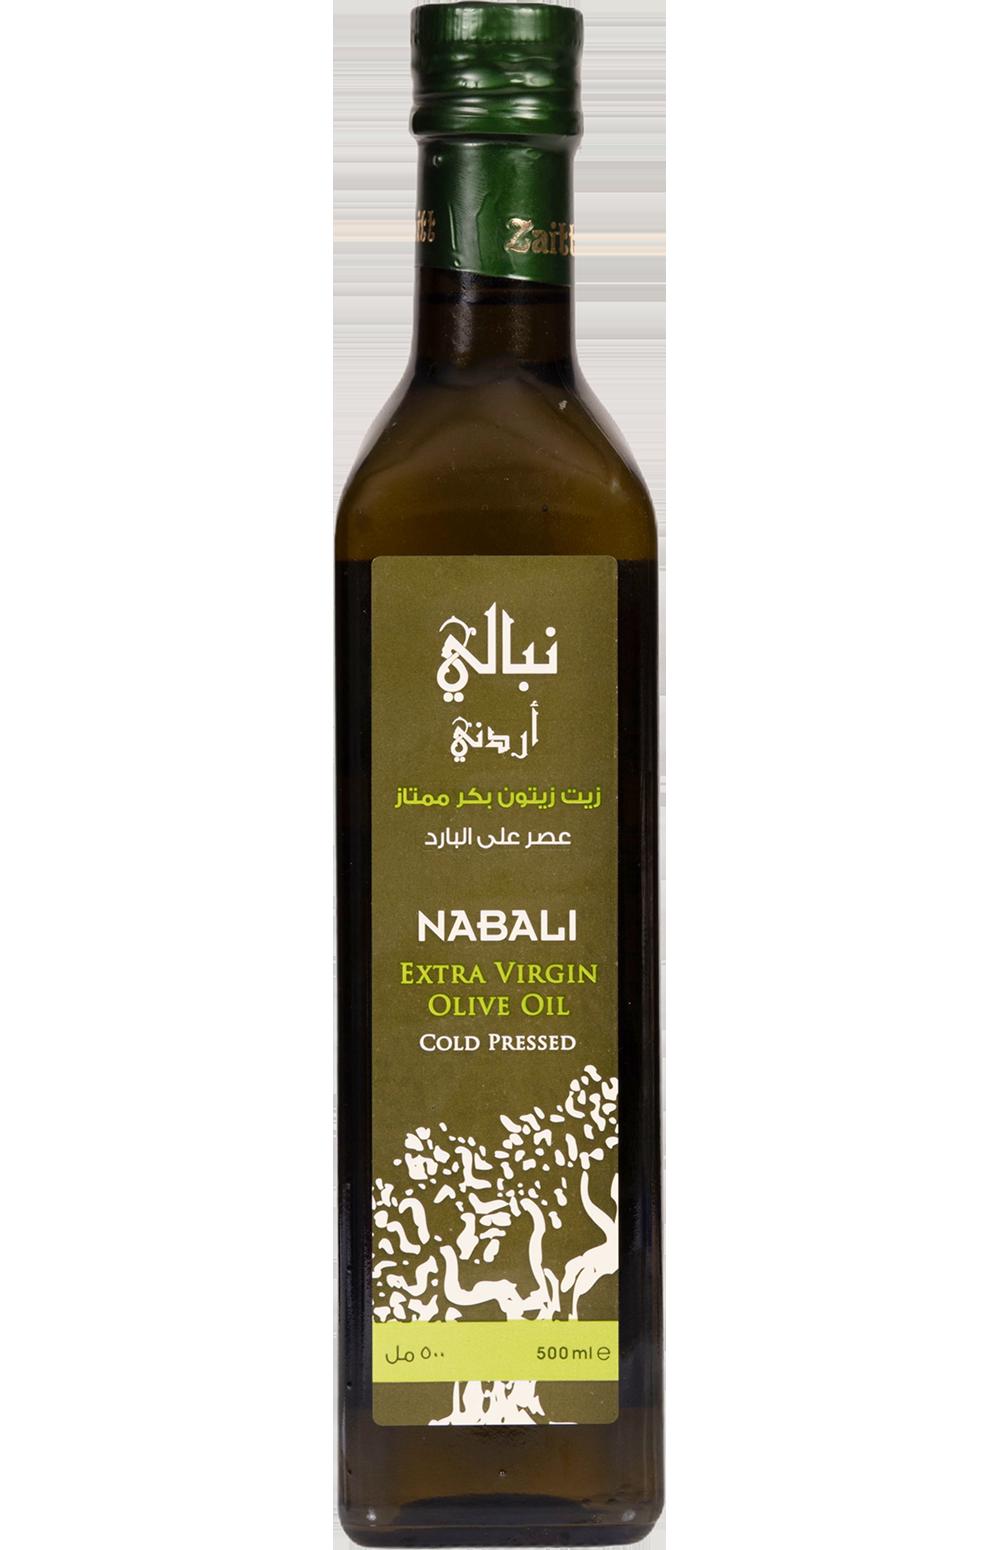 Nabali